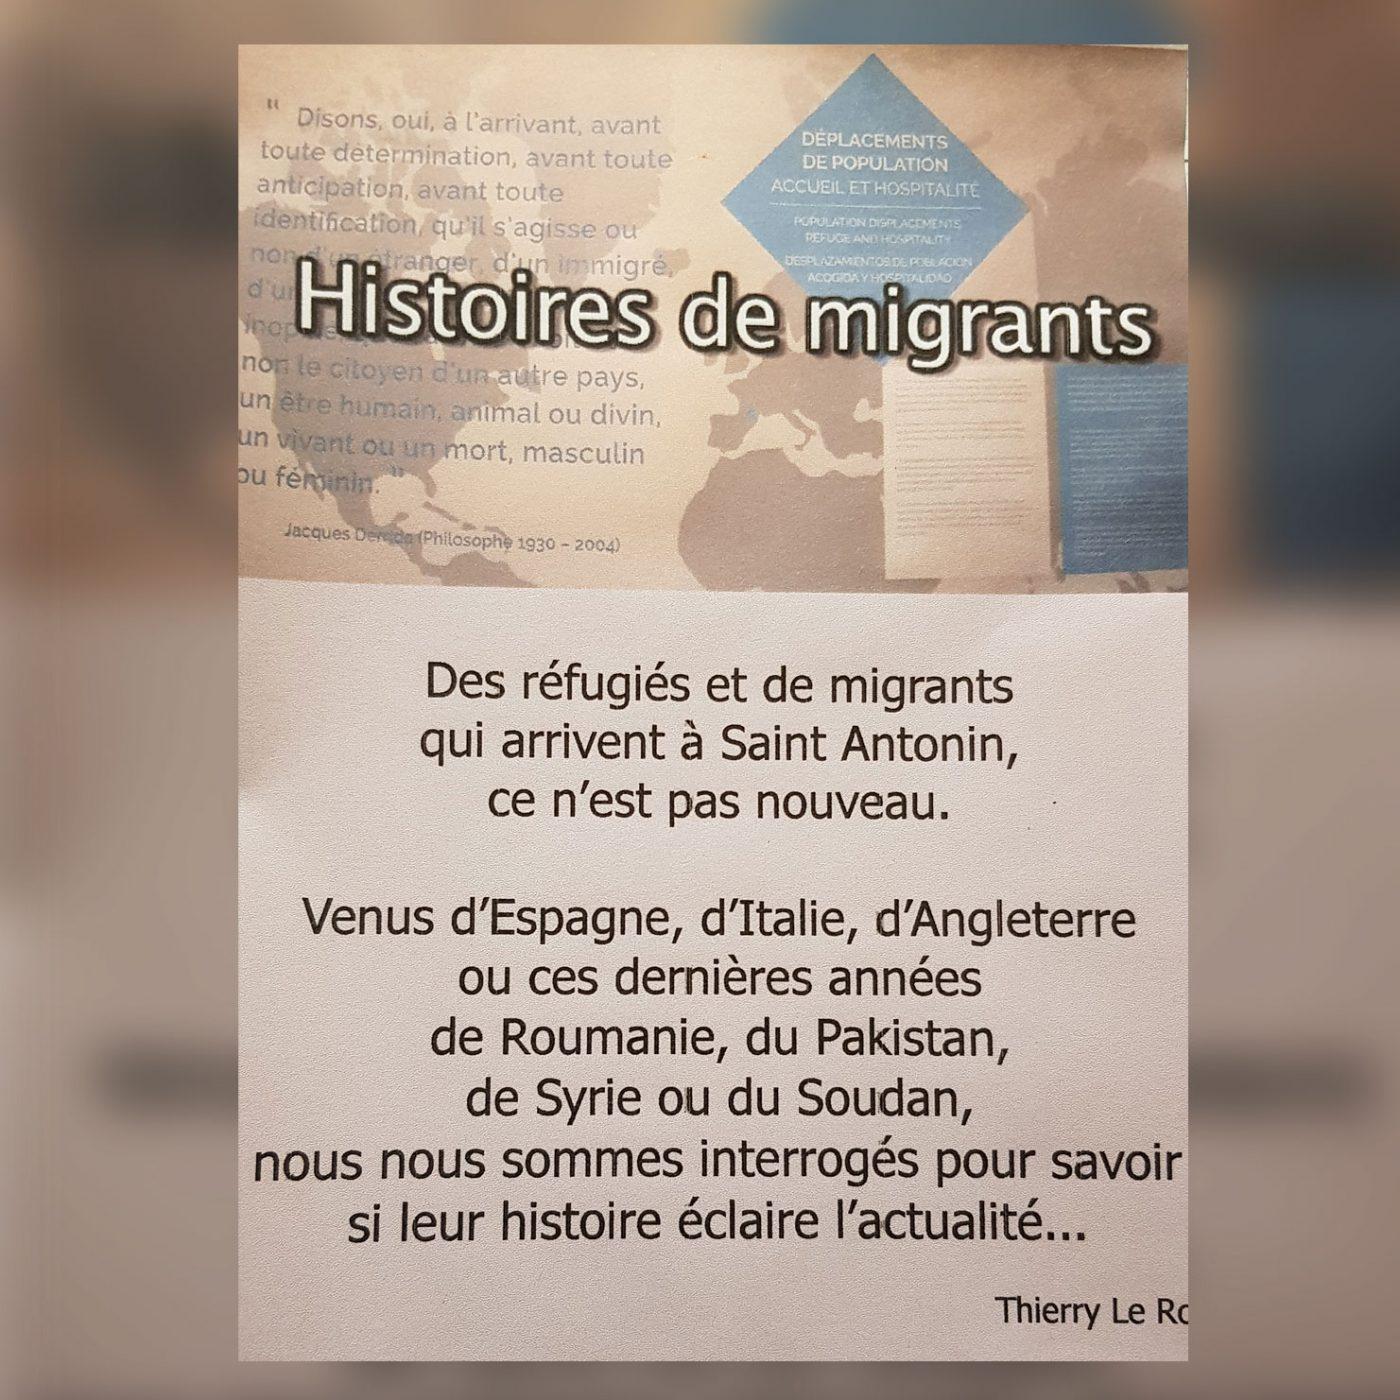 image extraite de la jaquette du dvd histoire de migrants à saint antonin noble val